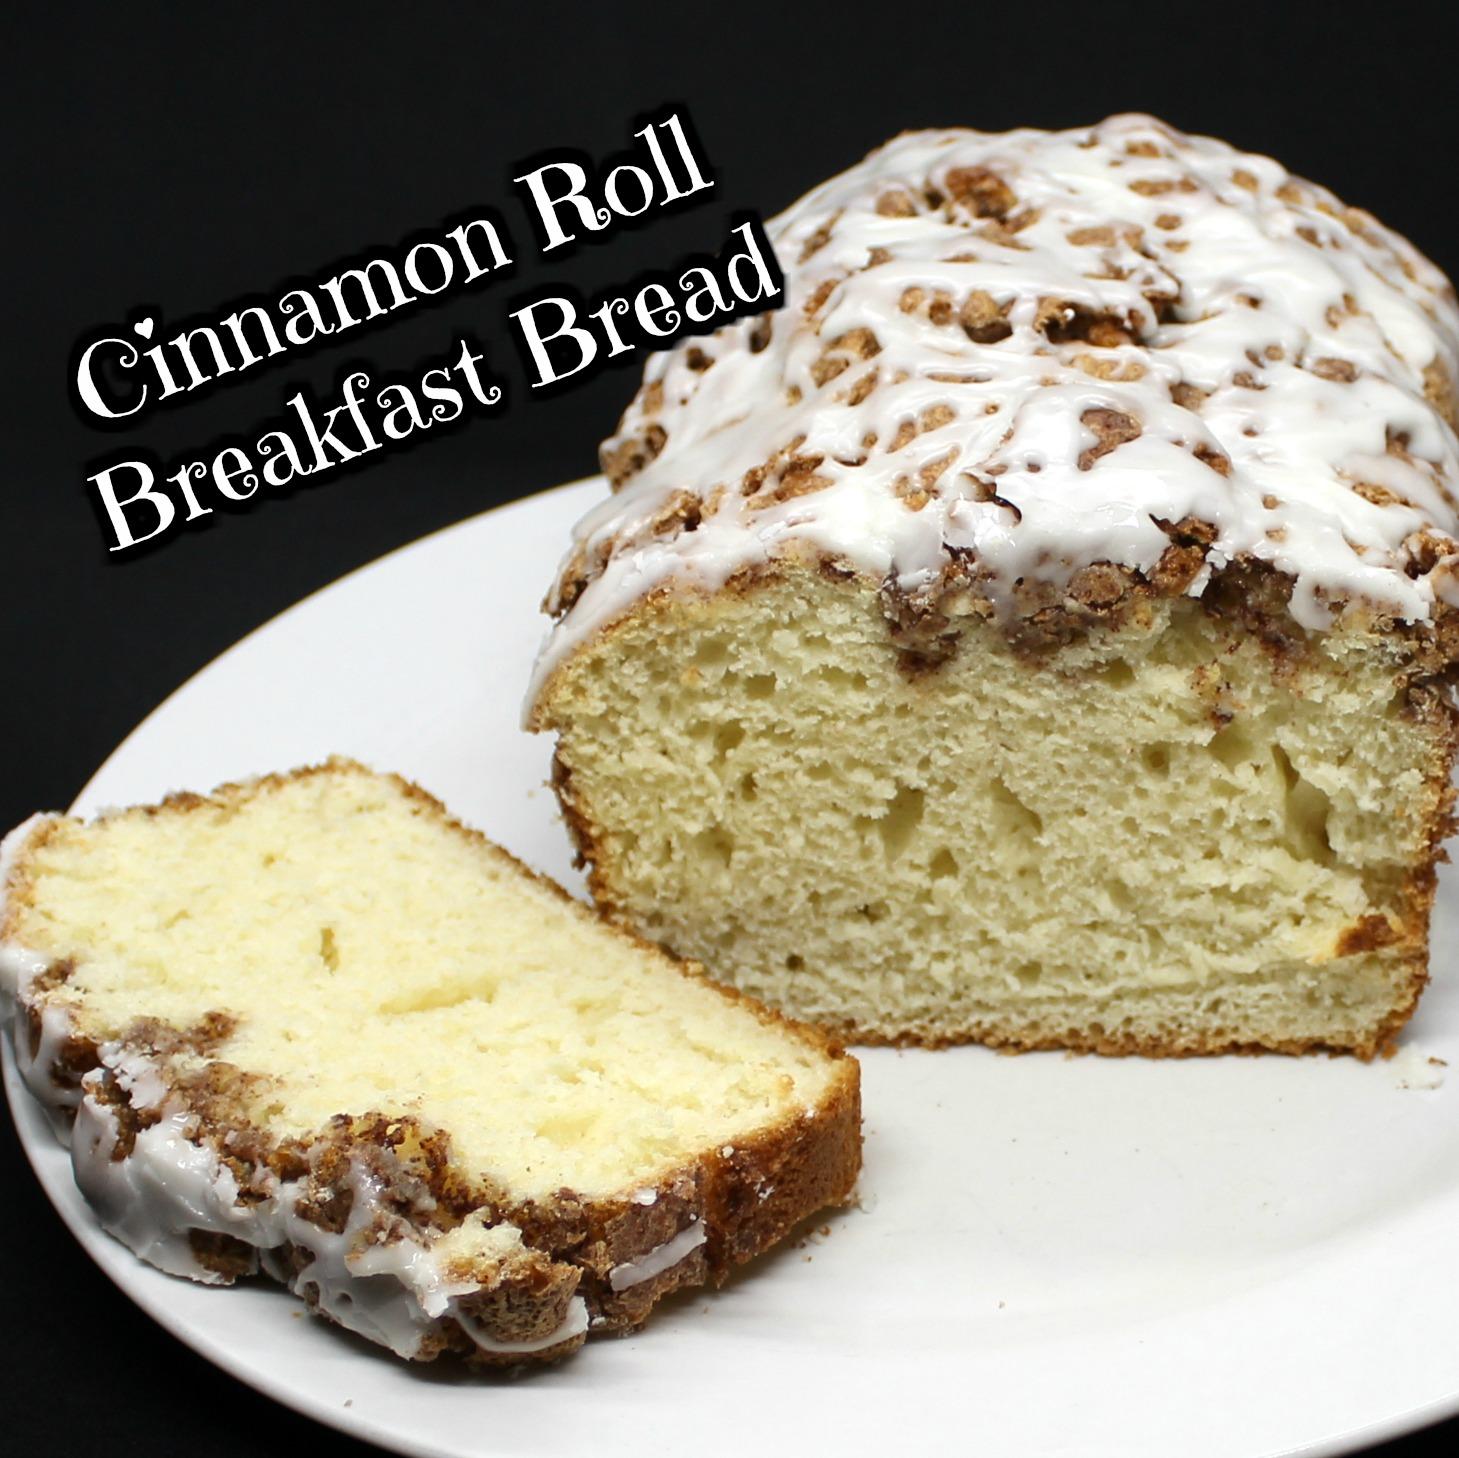 Cinnamon Roll Breakfast Bread